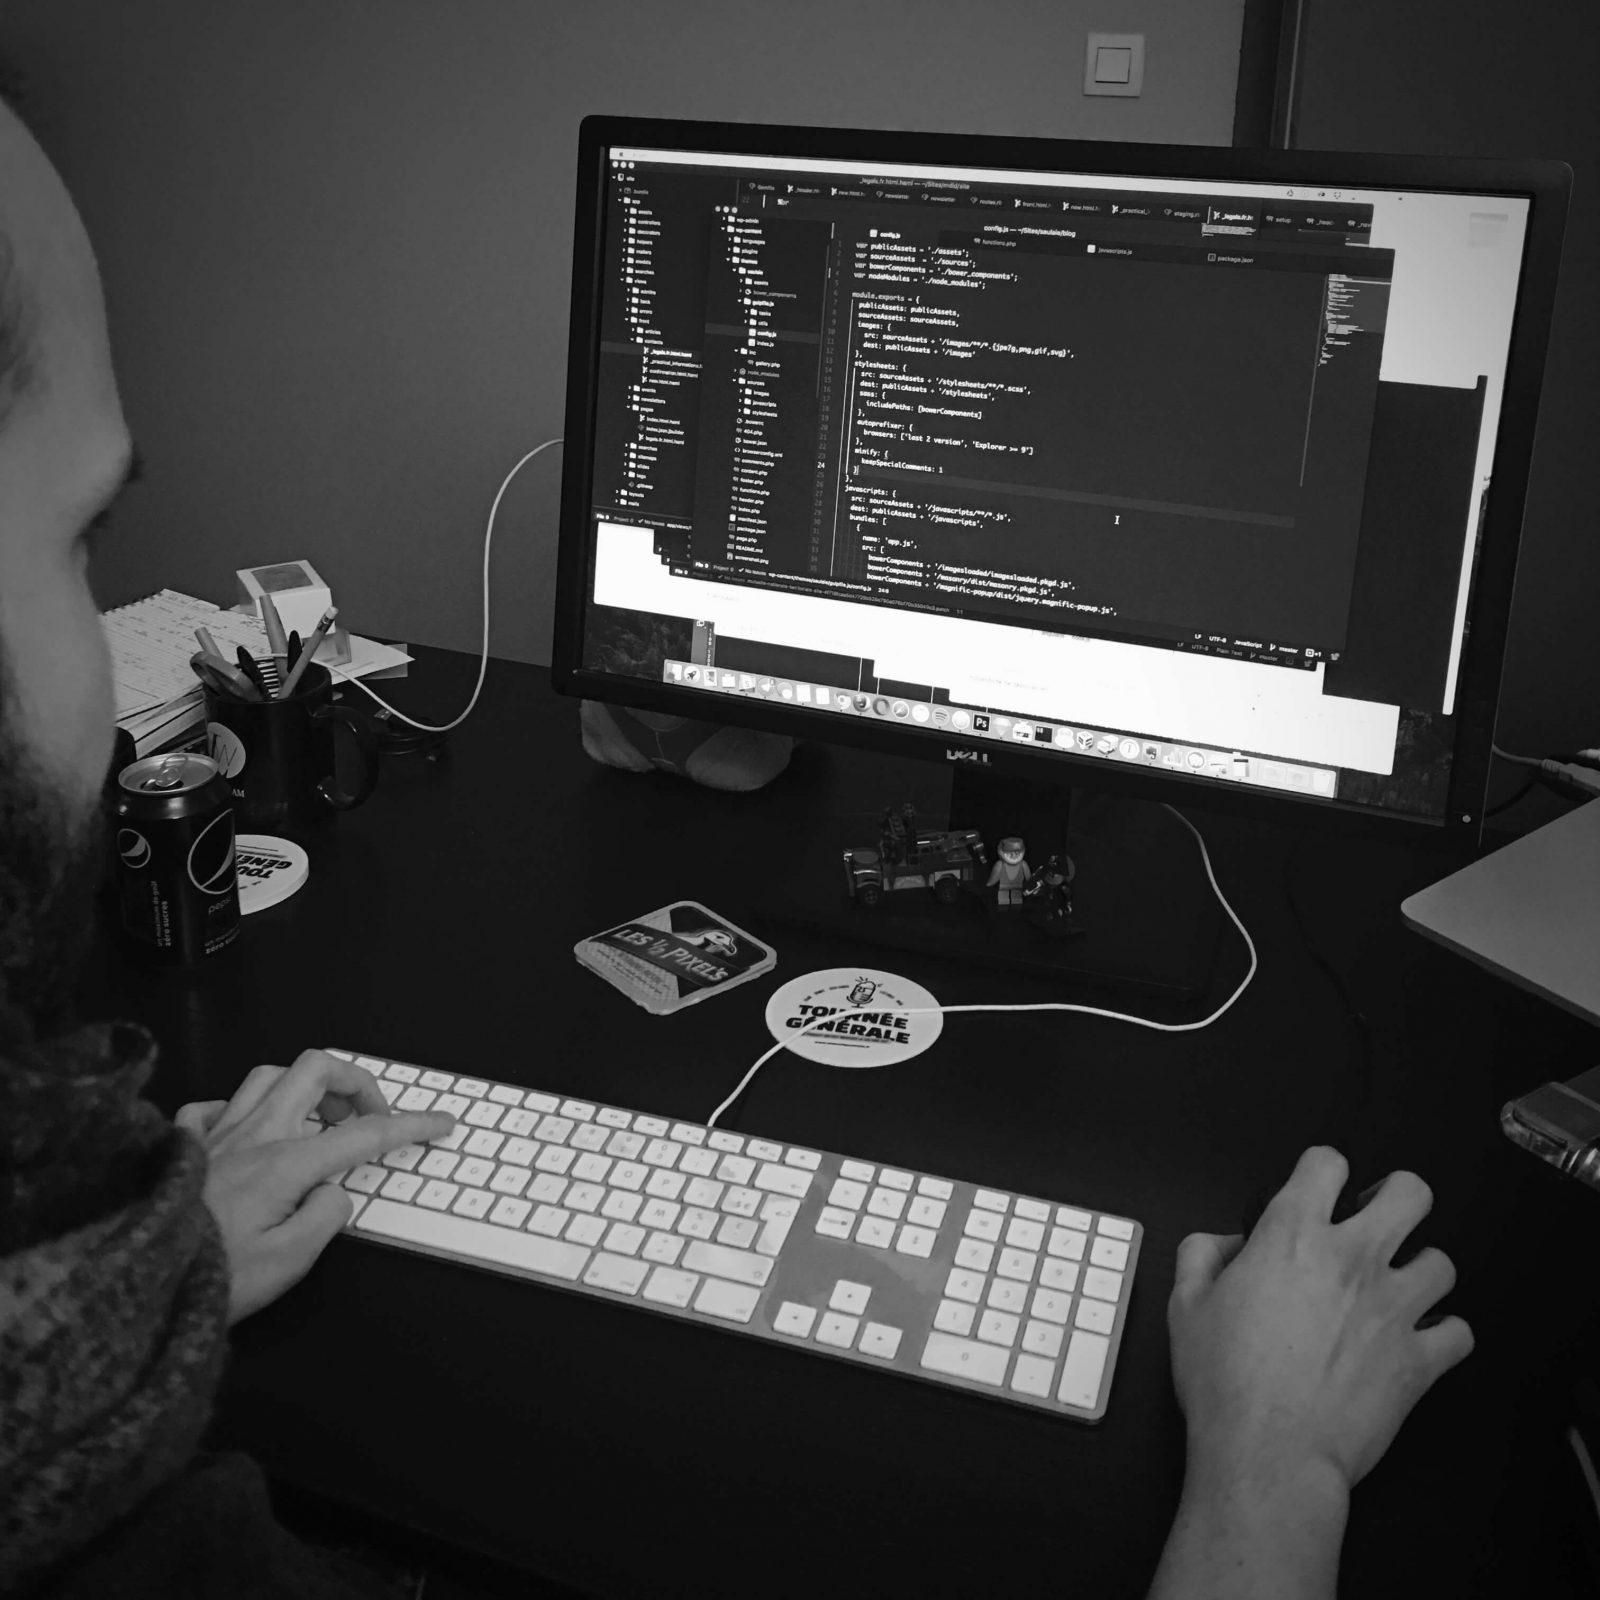 Développement front-end LunaWeb